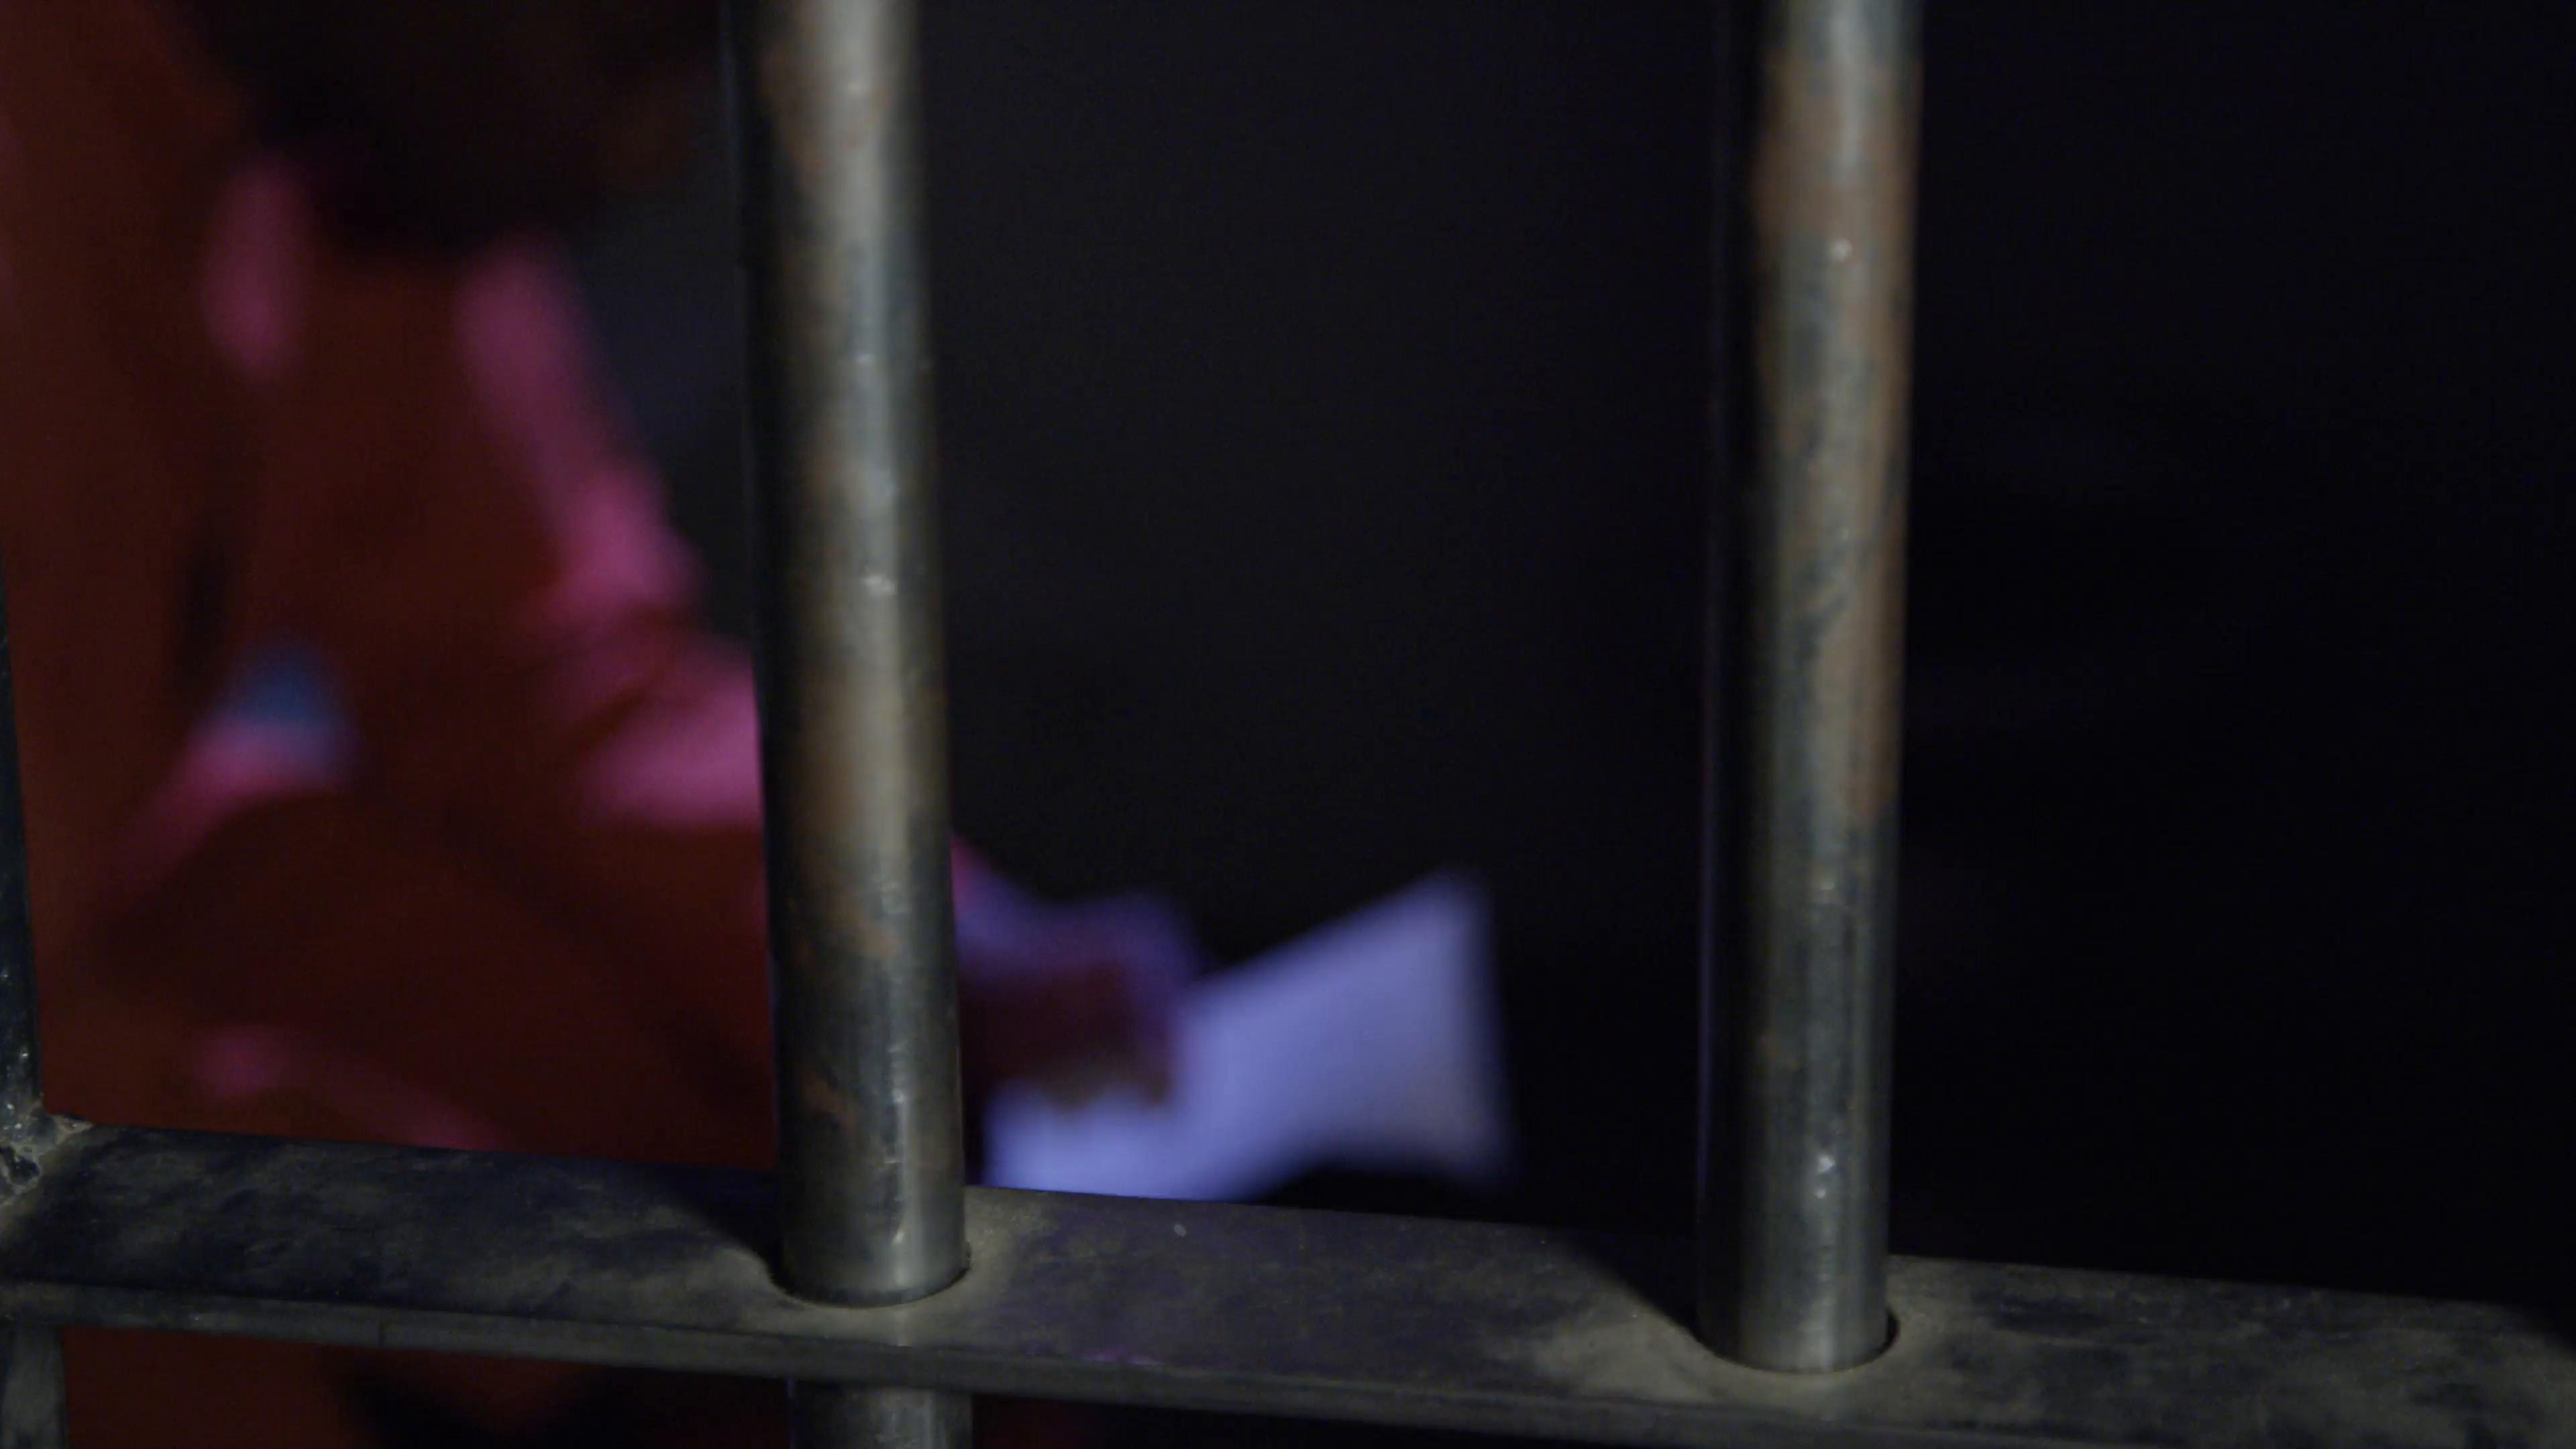 Leitura é uma das maneiras legais para redução de pena no Brasil | Foto: Ilustrativa